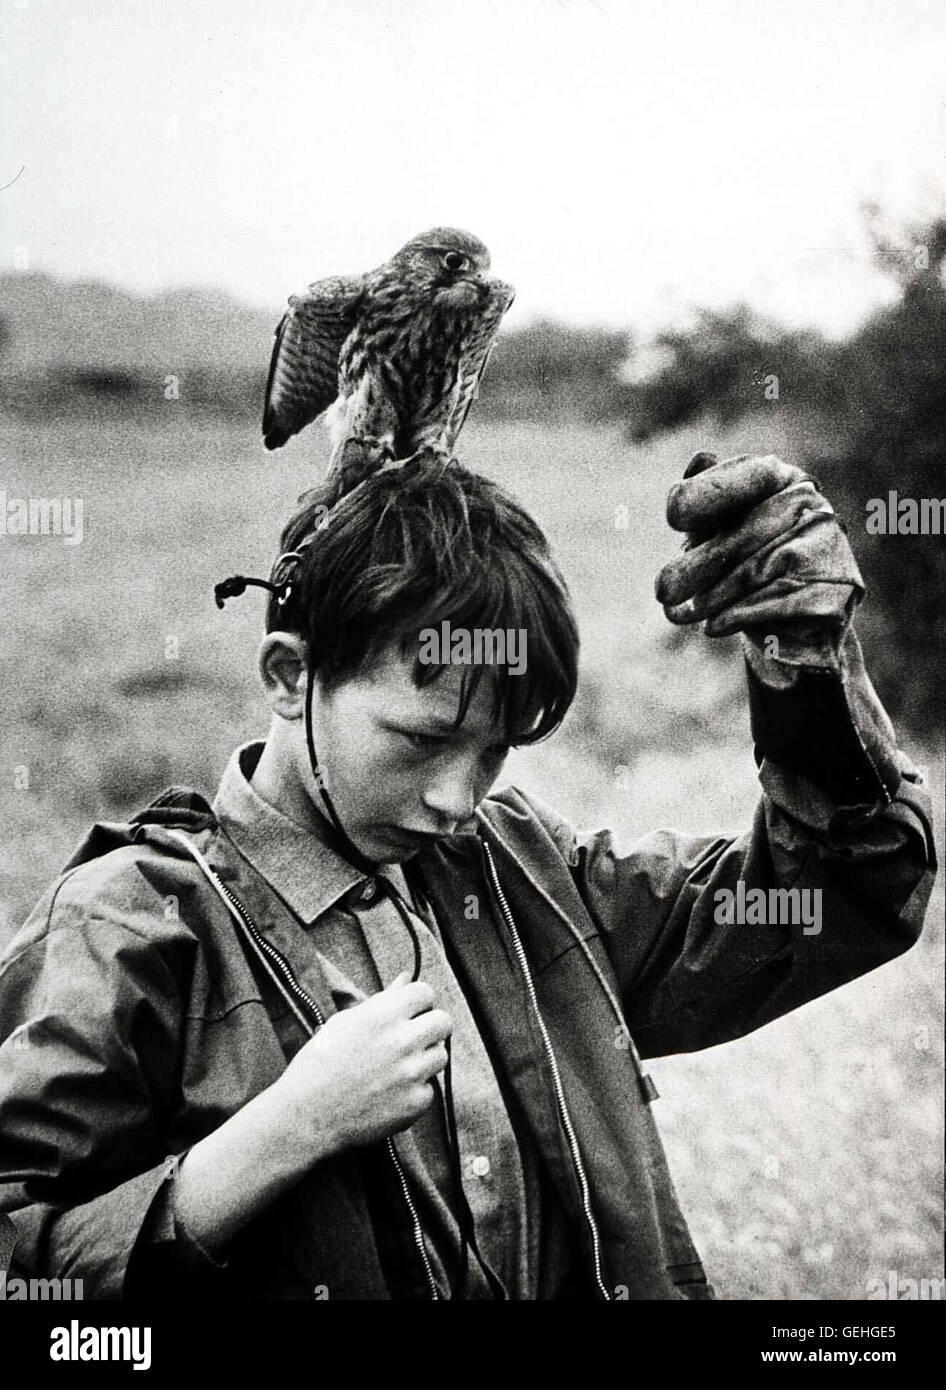 David Bradley   Der 15-jaehrige Billy (David Bradley) waechst in den tristen Verhaeltnissen einer nordenglischen Stock Photo